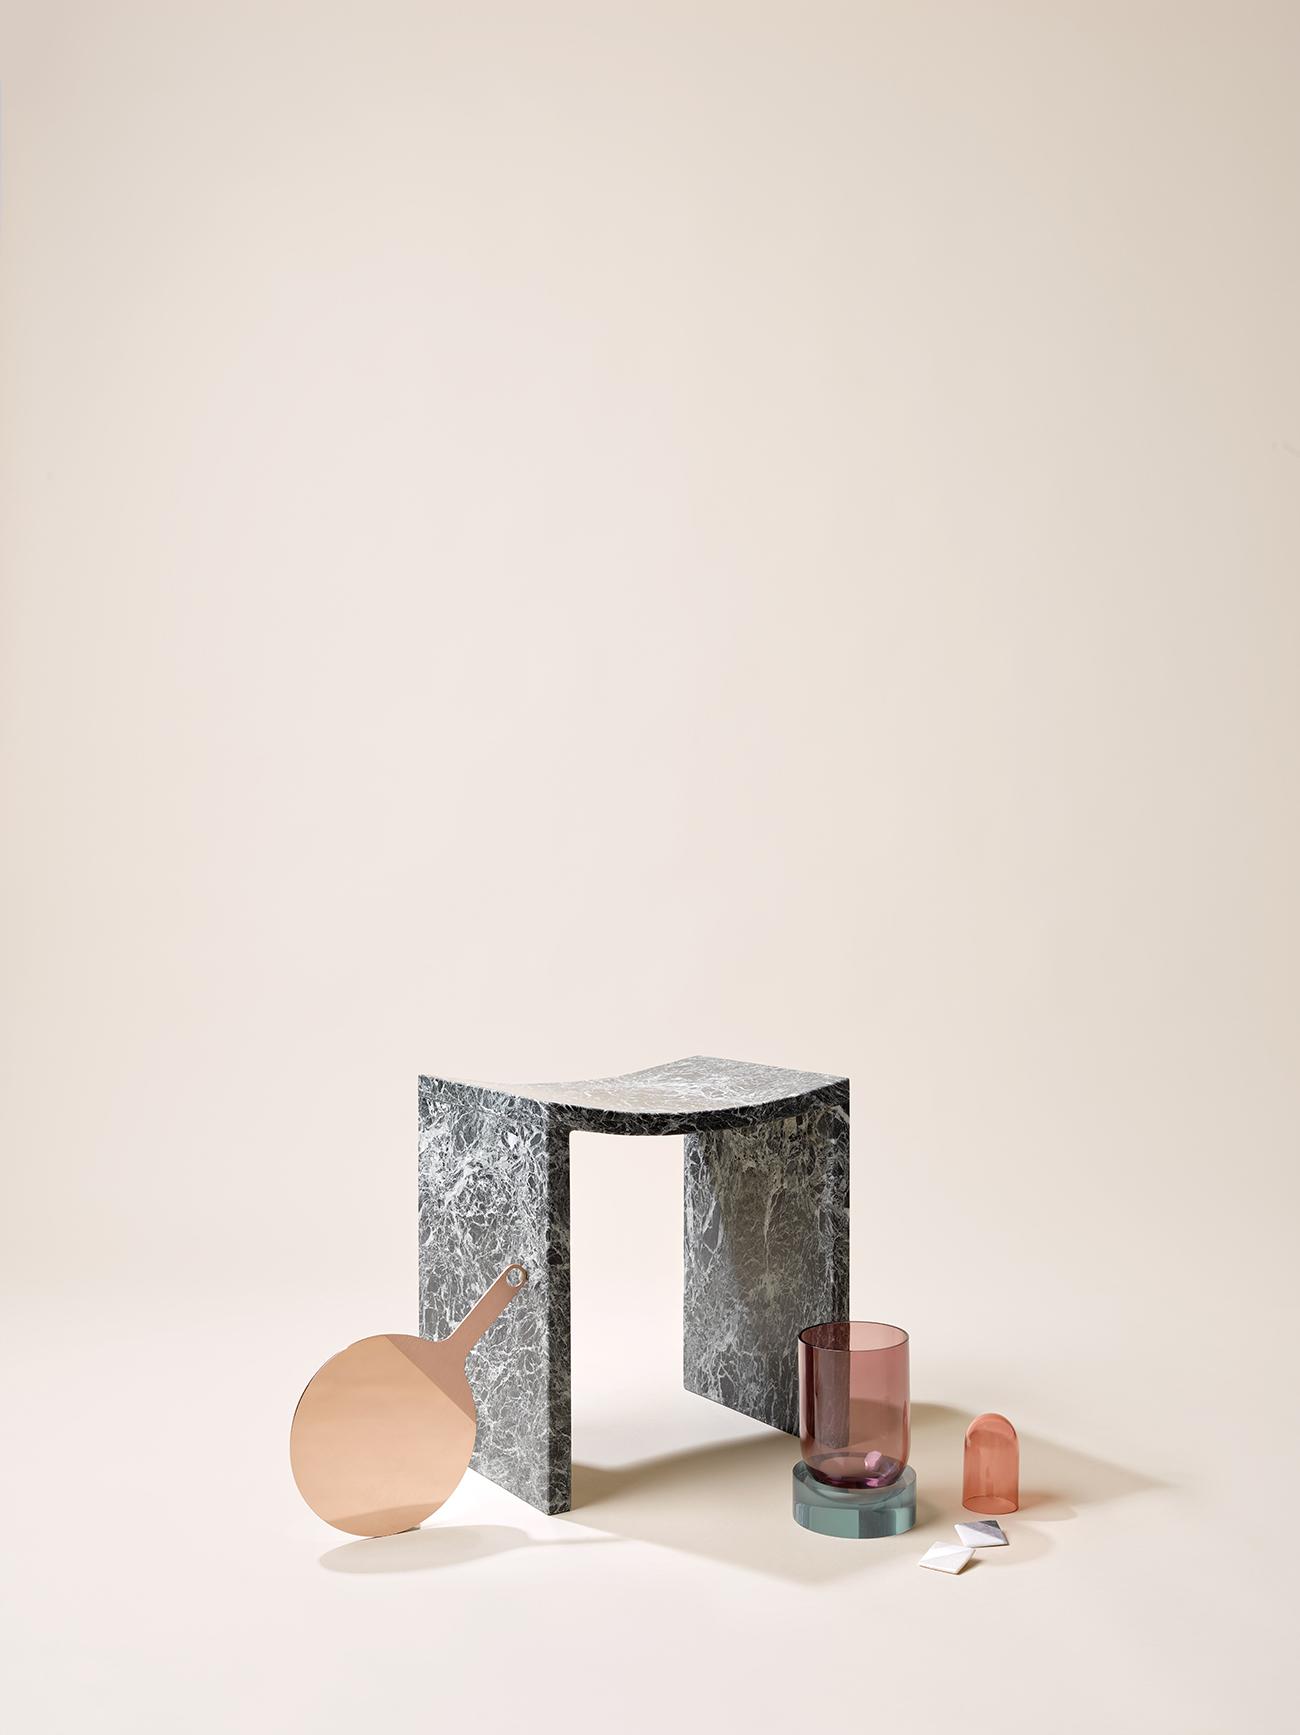 Intervista al duo di designer e architetti di OBJECT OF COMMON INTEREST | Collater.al 6